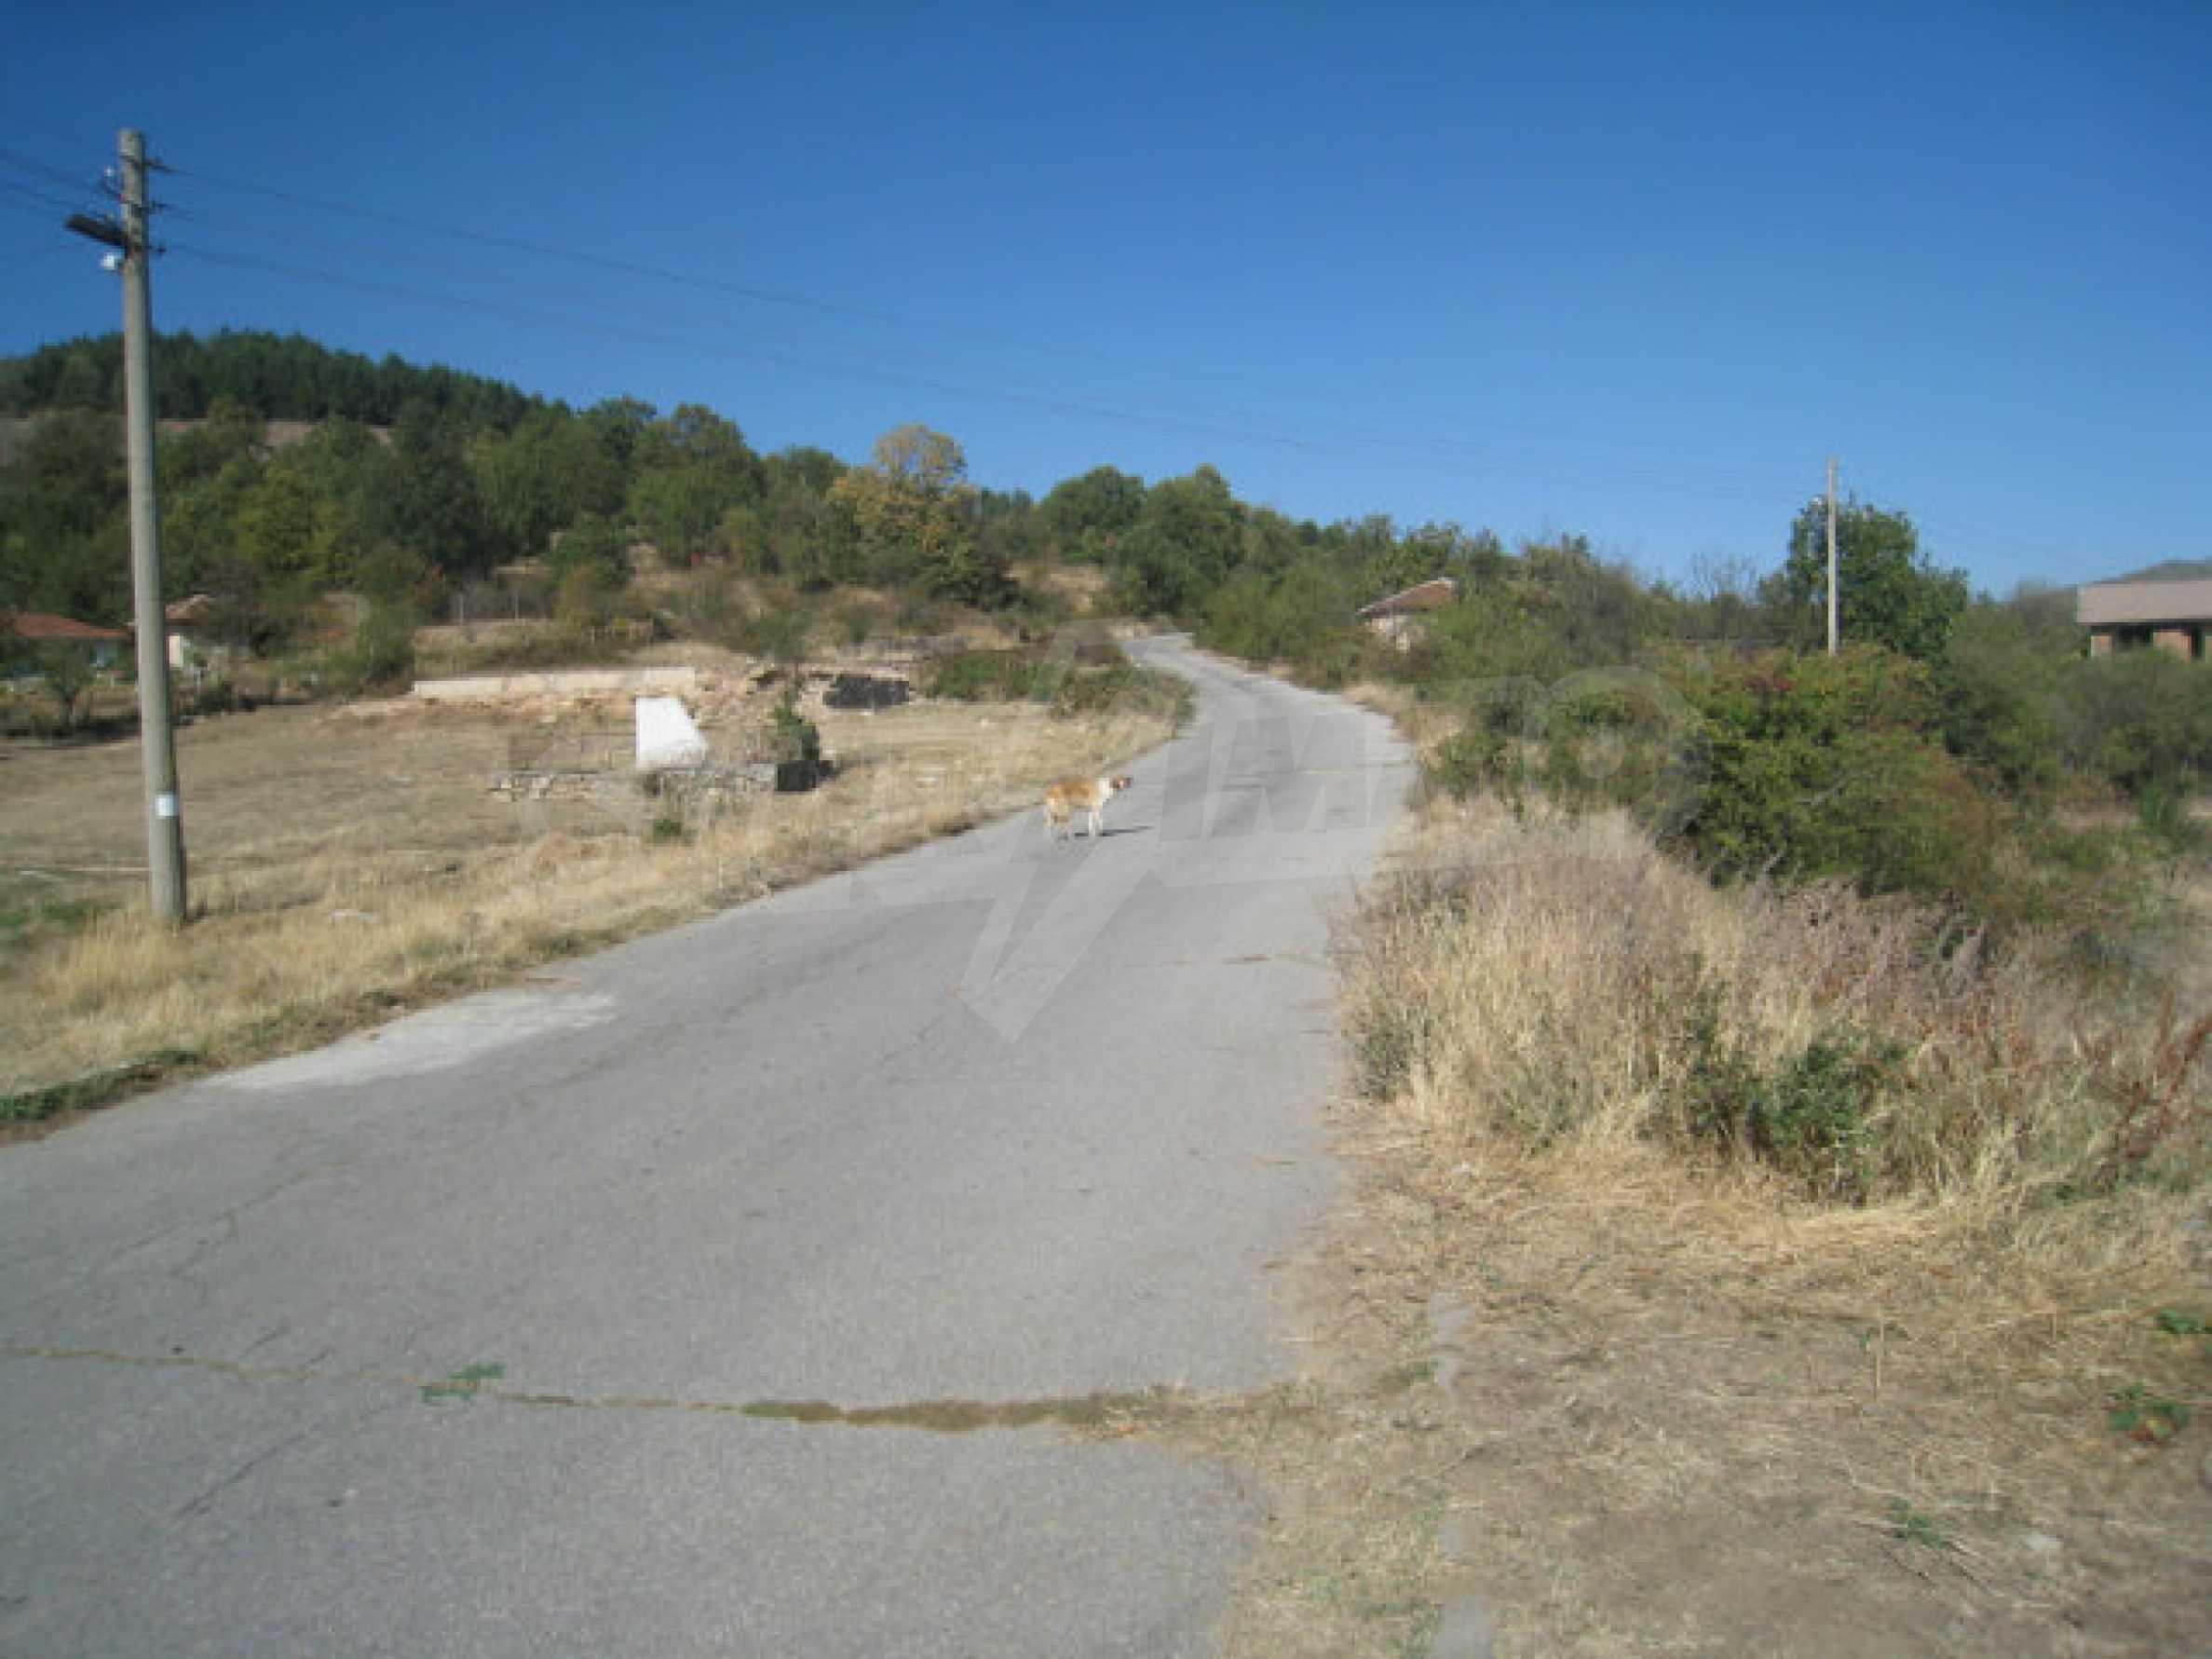 23 regulierte Nachbargrundstücke auf einer Asphaltstraße in der Gemeinde Ihtiman 49